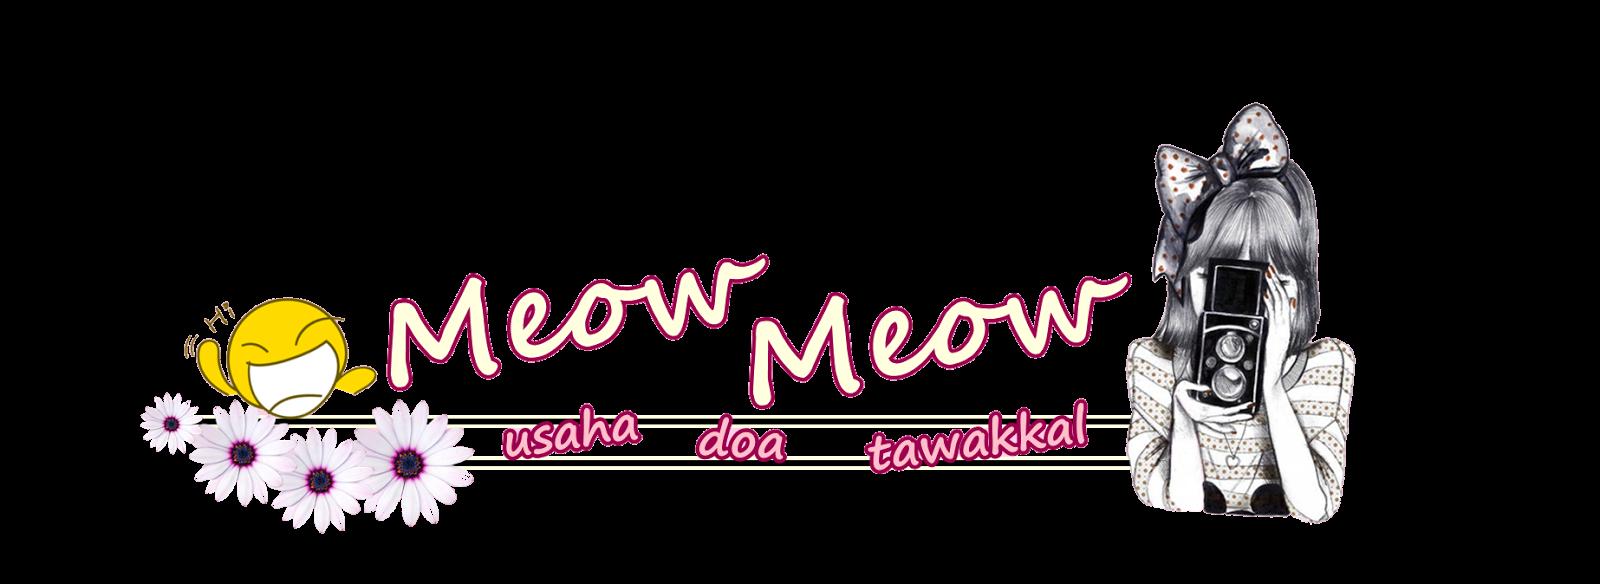 meoww..meoww...